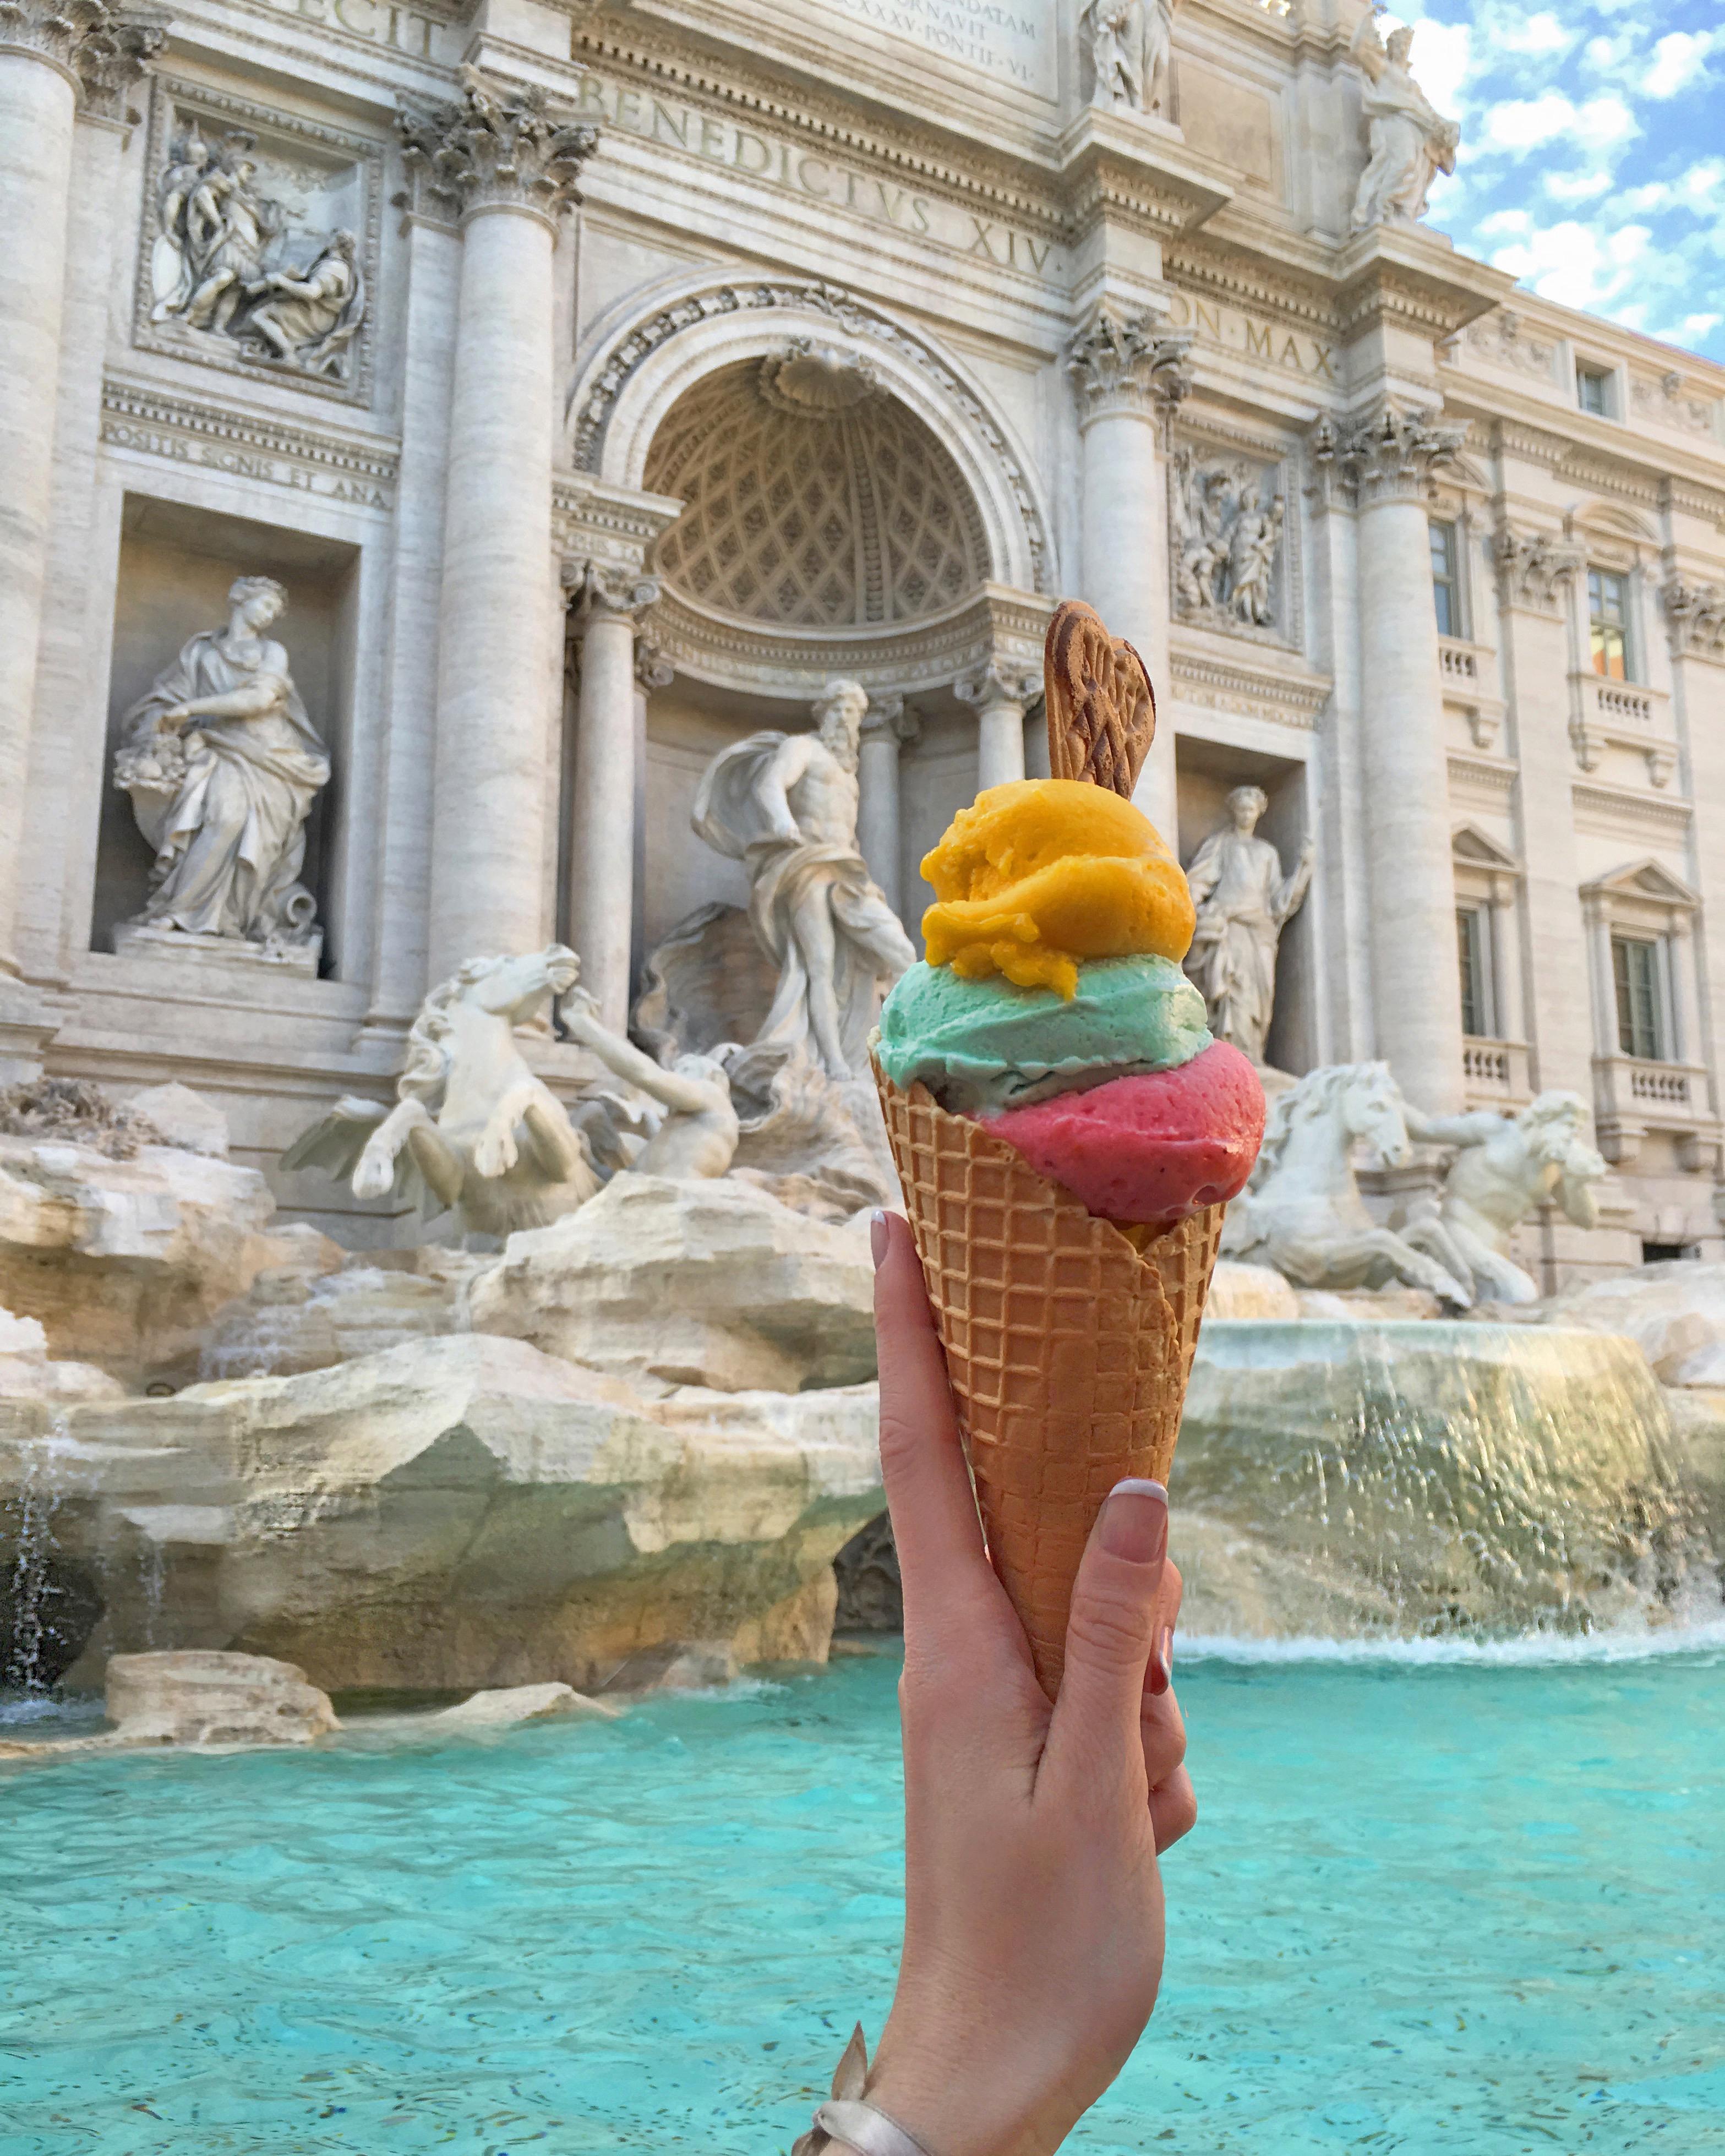 de vacaciones en roma disfrutando de un helado en la fuente di trevi